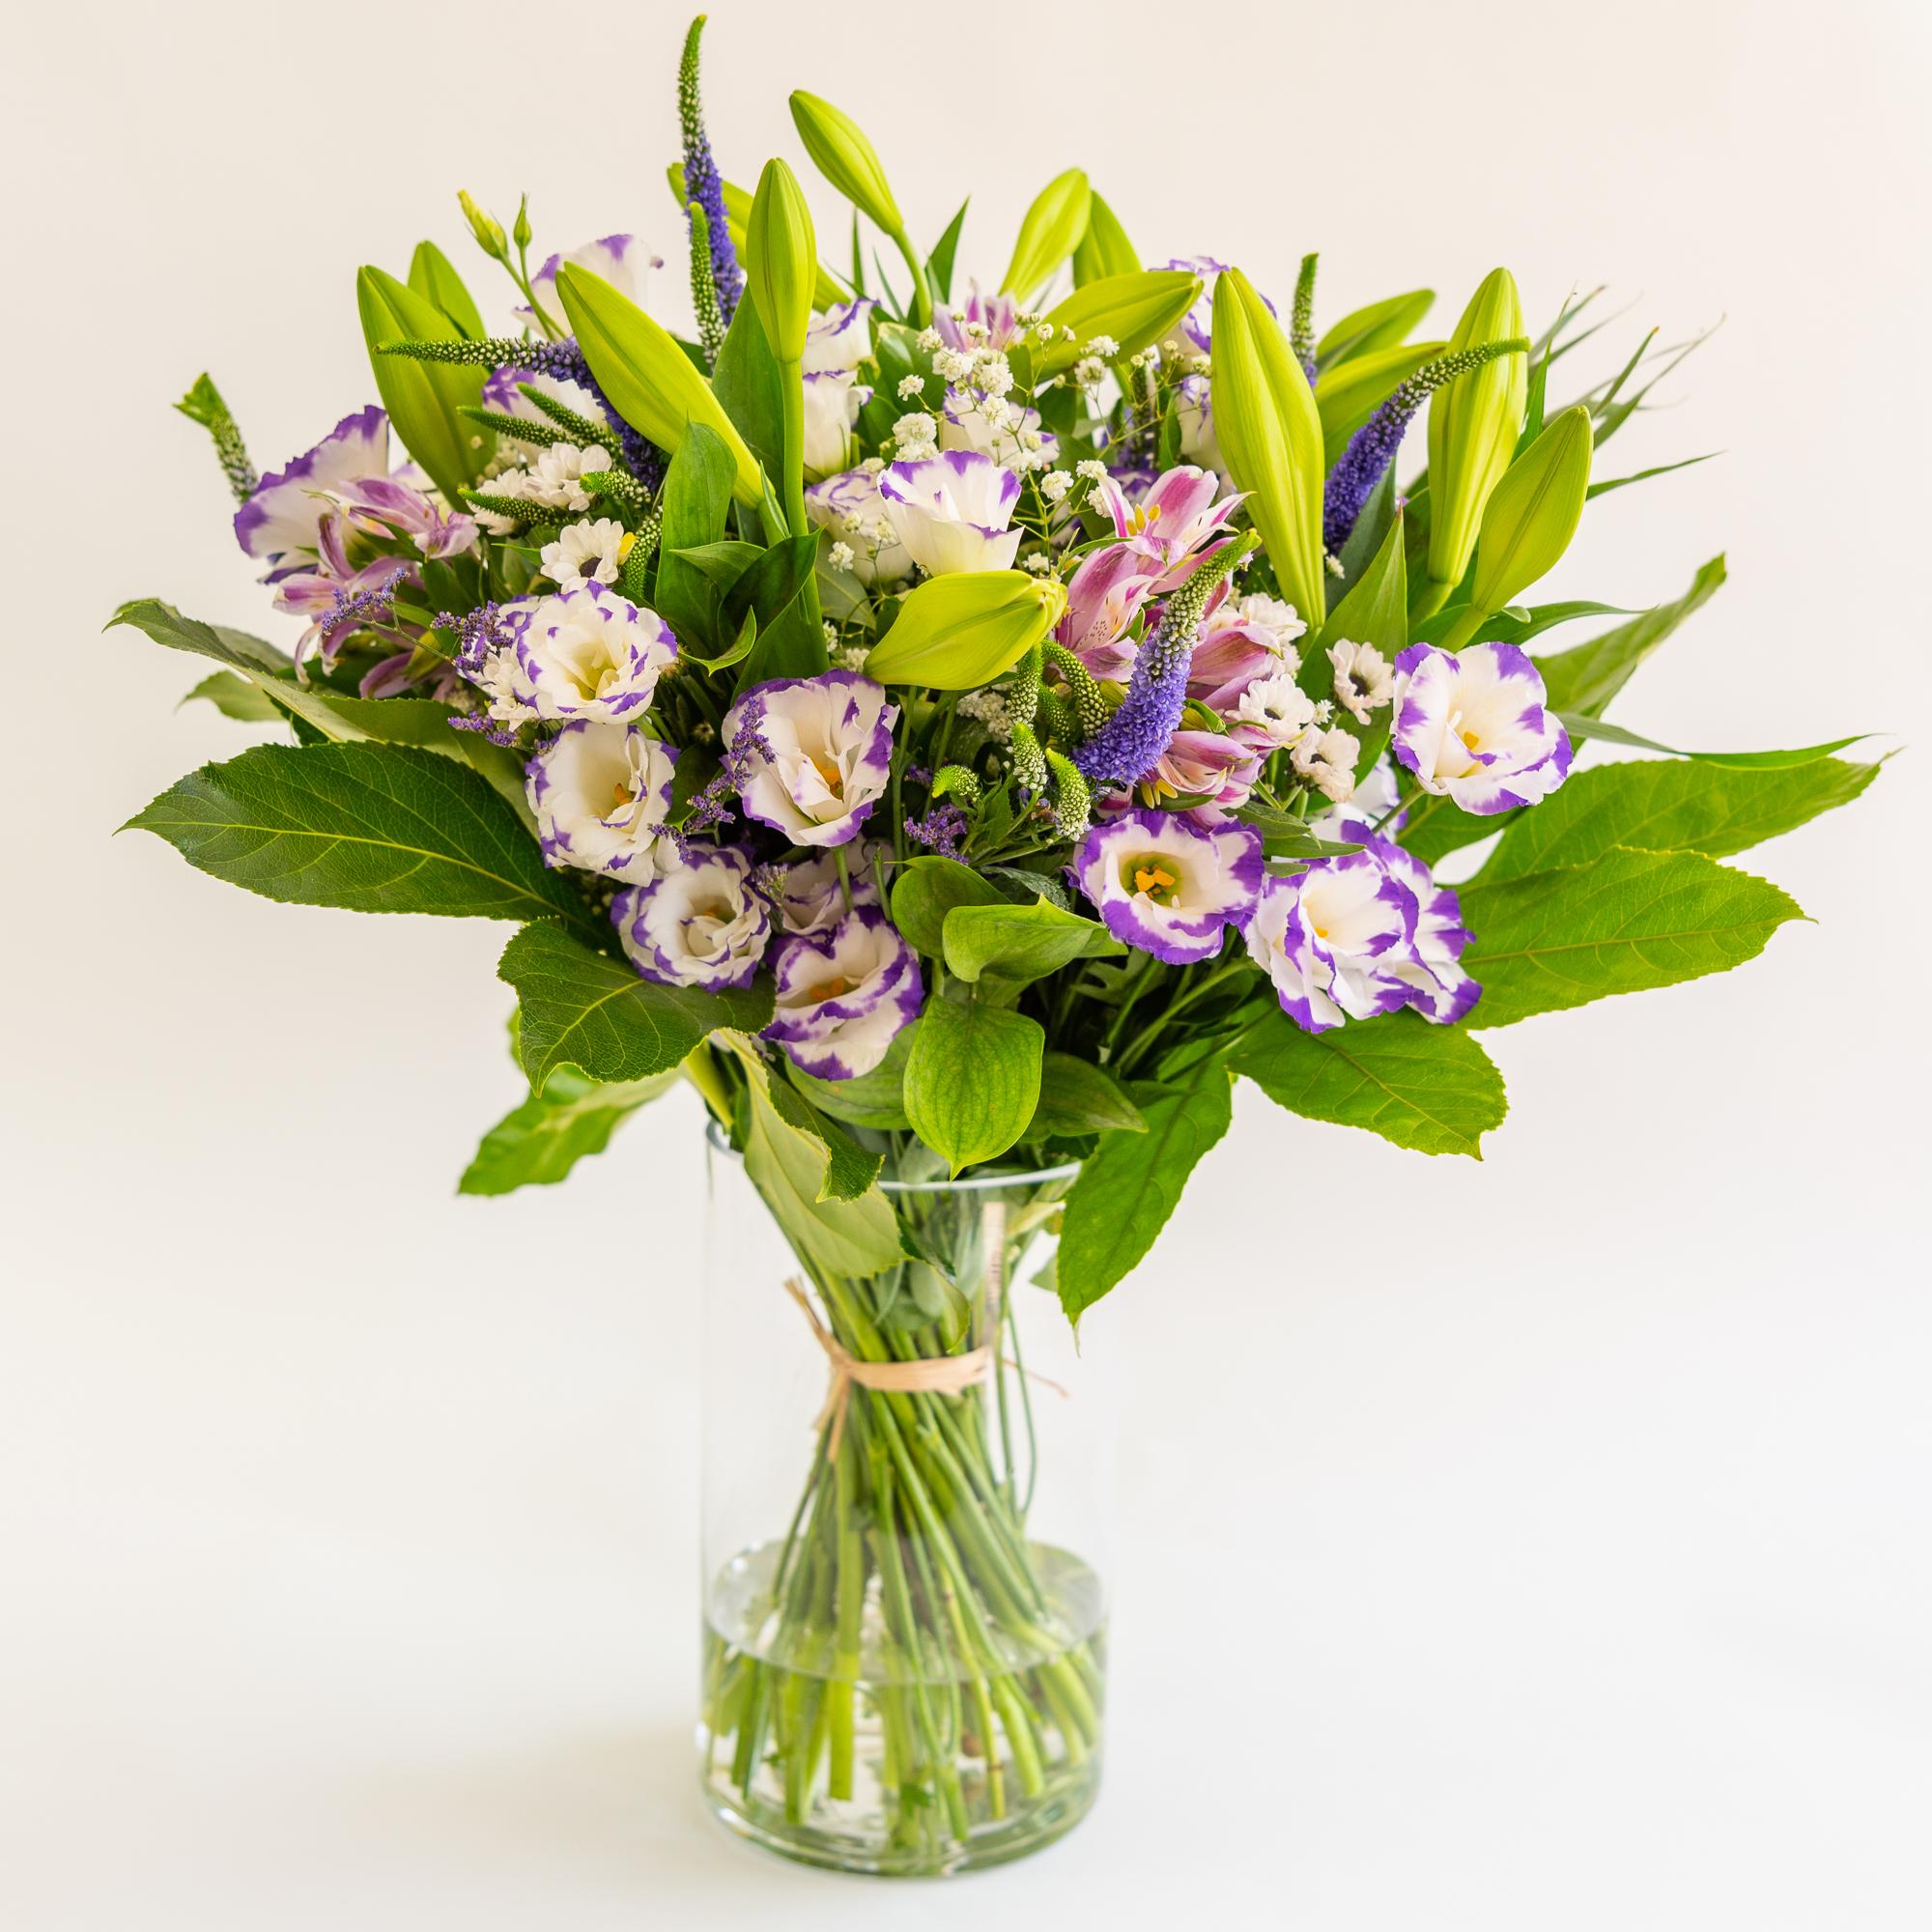 זר פרחים 2 - ויקטוריה - לוד